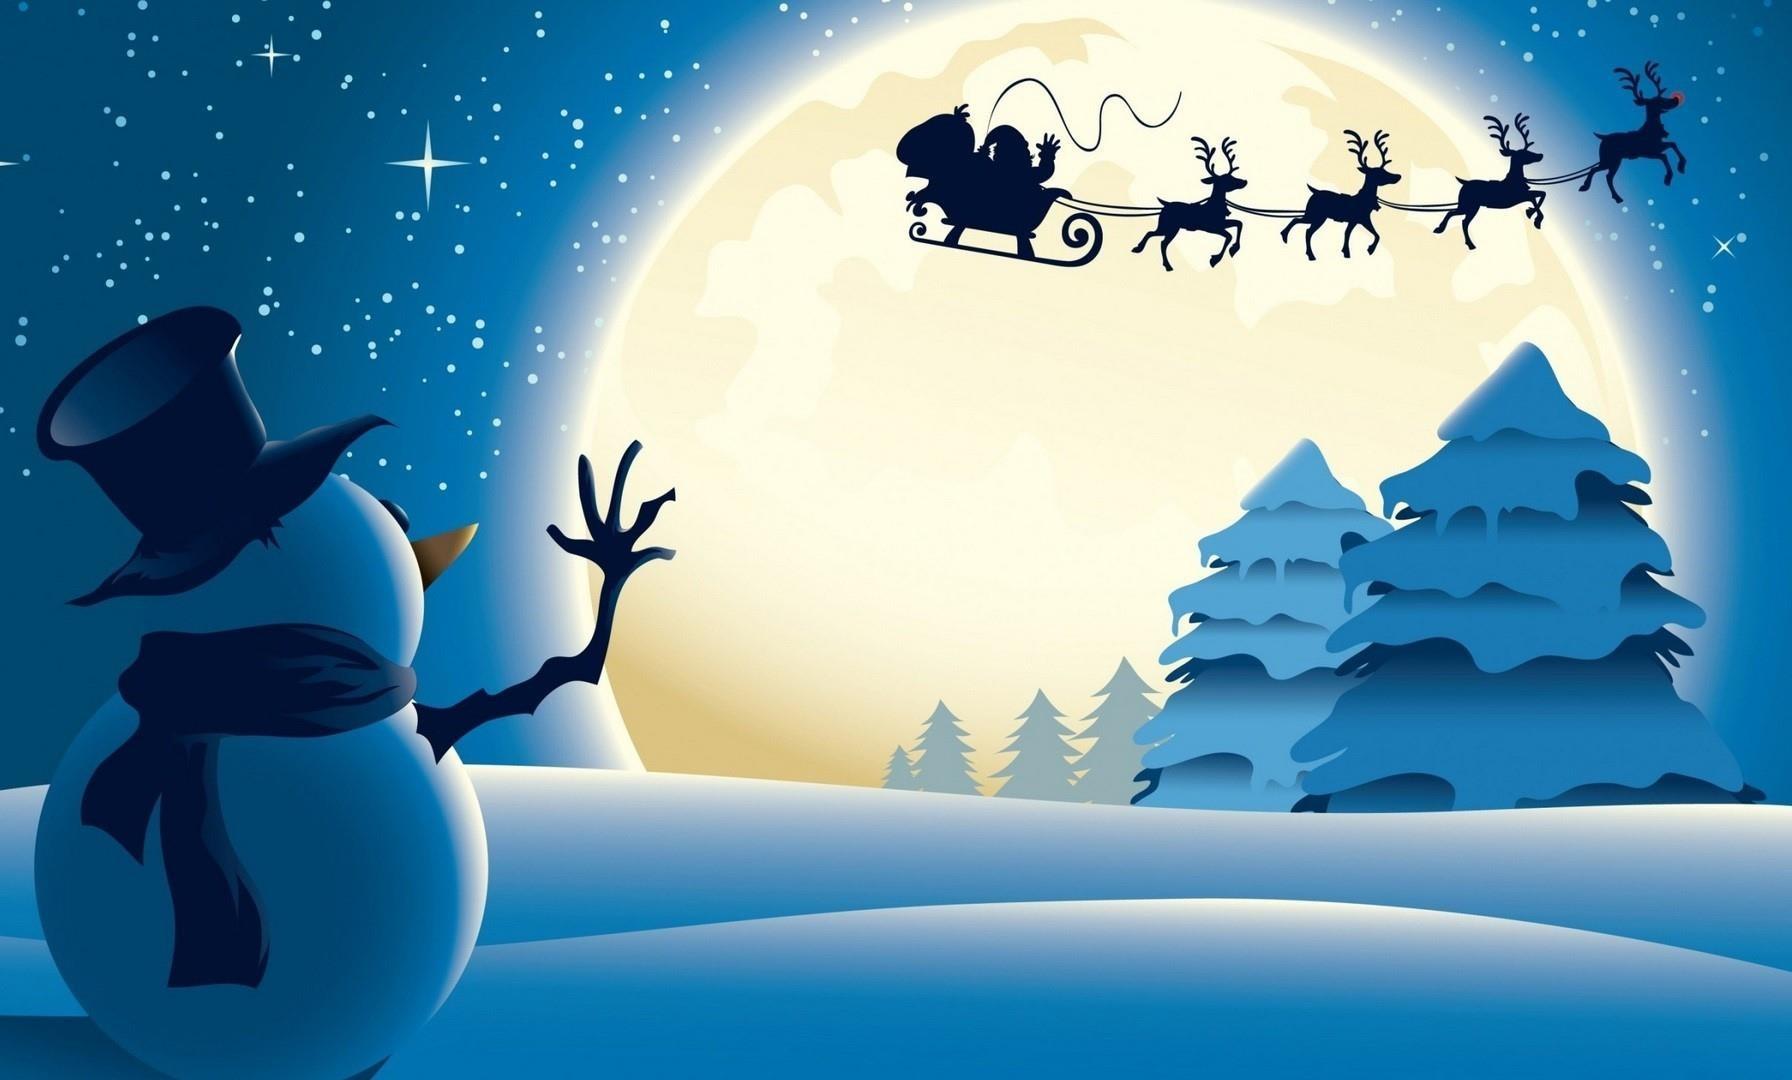 Frohe Weihnachten Guten Rutsch Ins Neue Jahr.Frohe Weihnachten Und Einen Guten Rutsch Ins Neue Jahr Ig Metall